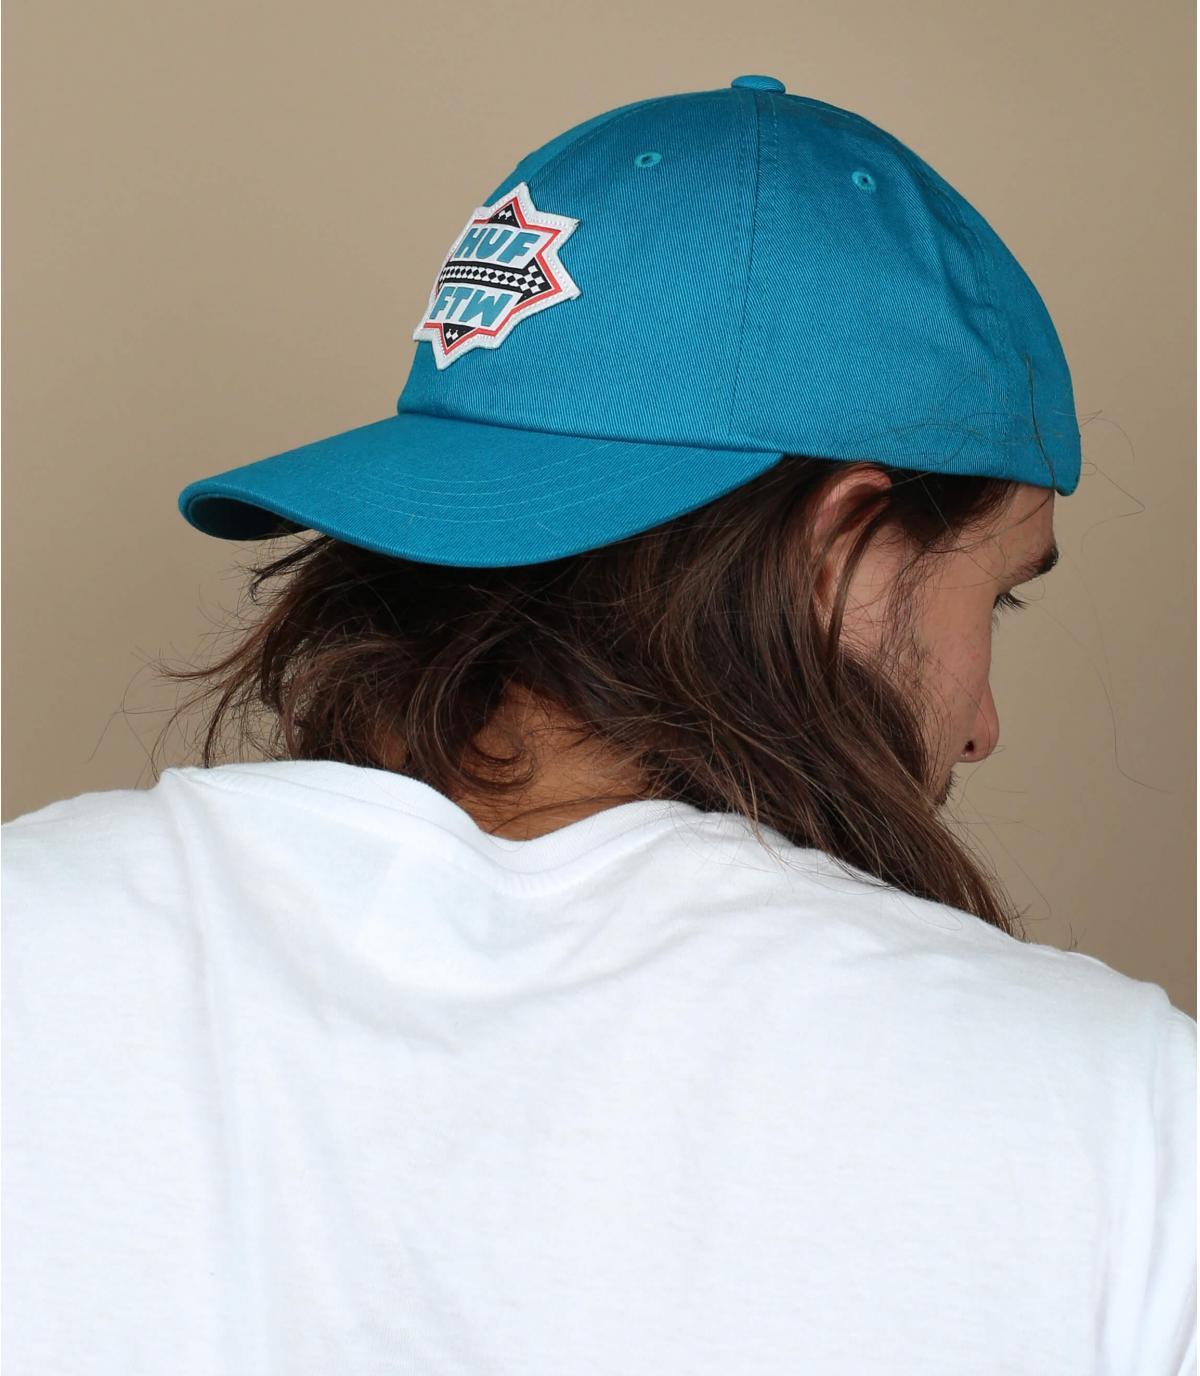 blauwe Huf cap